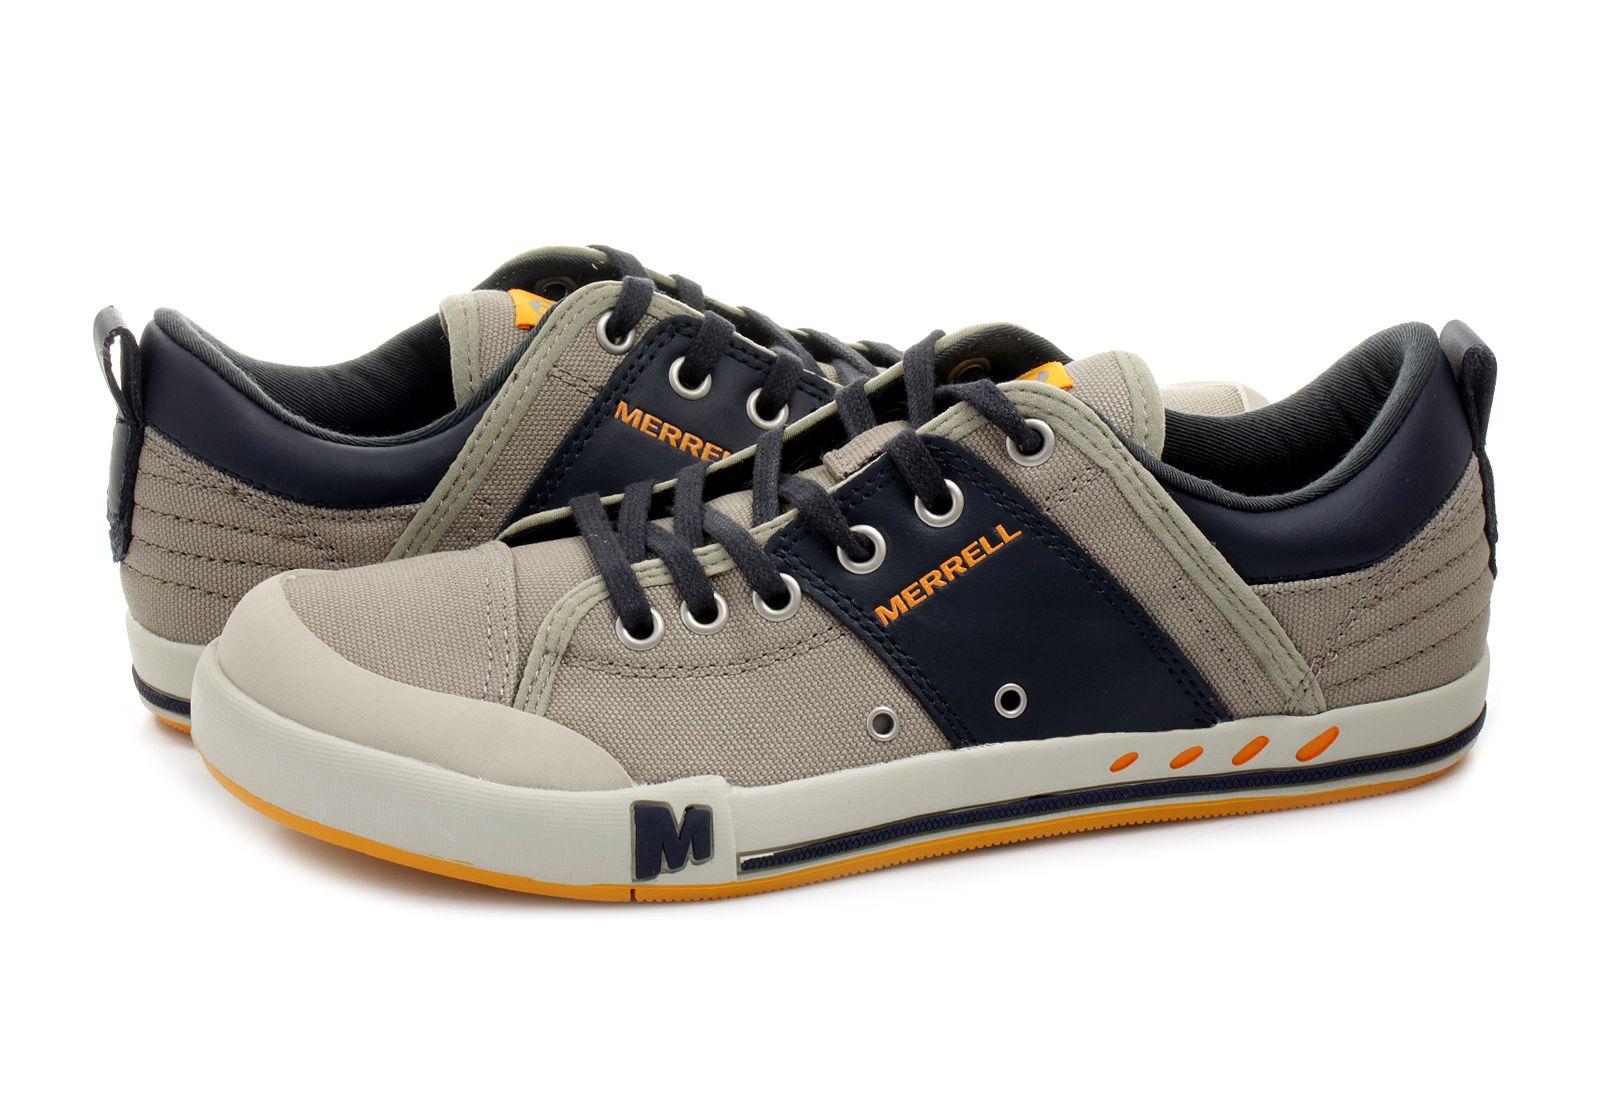 d20e2deb4c86 Merrell Cipő - Rant - J38909-gry - Office Shoes Magyarország